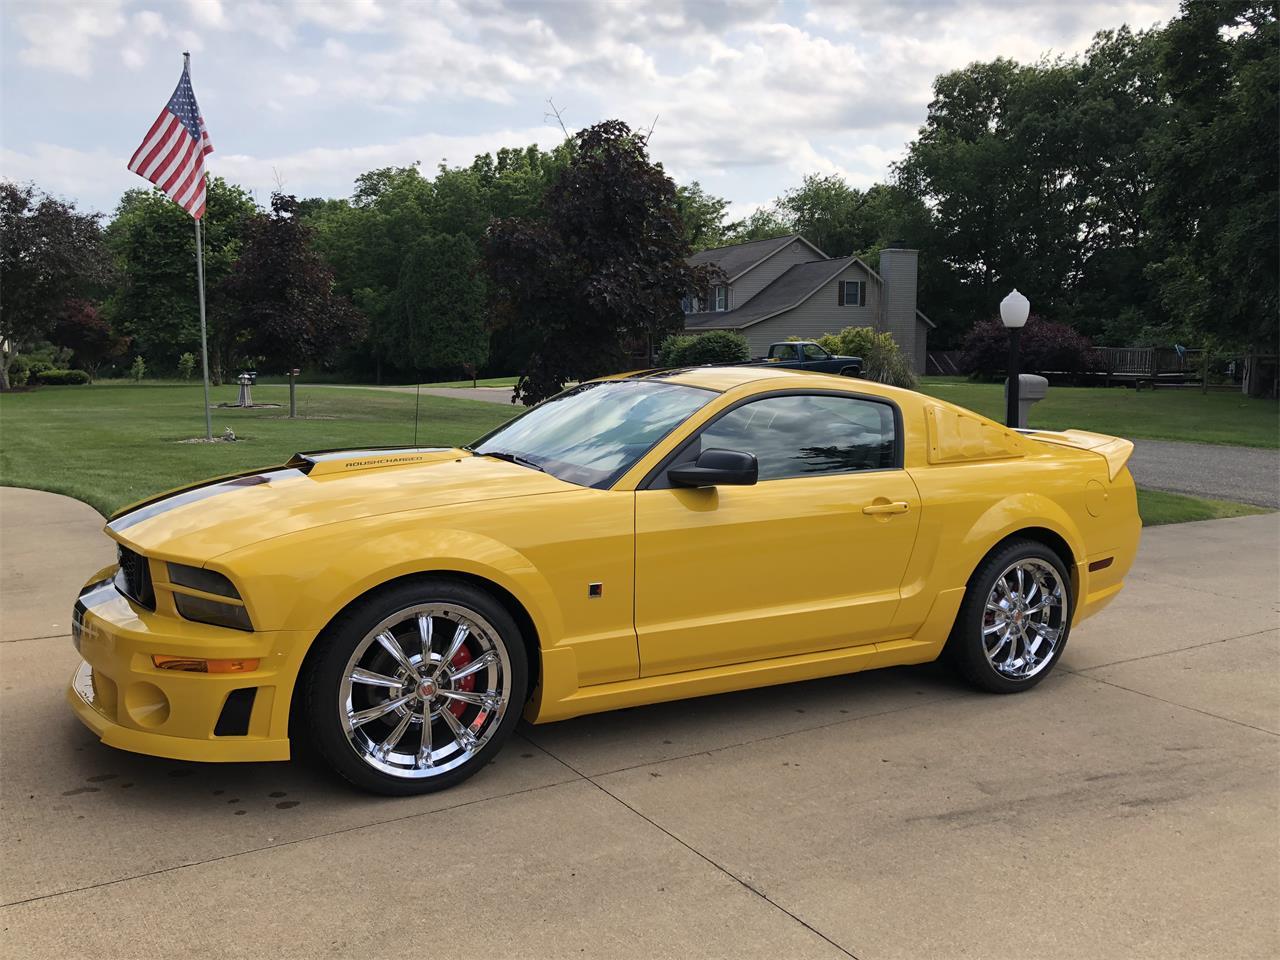 Ford Mustang Roush >> For Sale 2005 Ford Mustang Roush In New Philadelphia Ohio